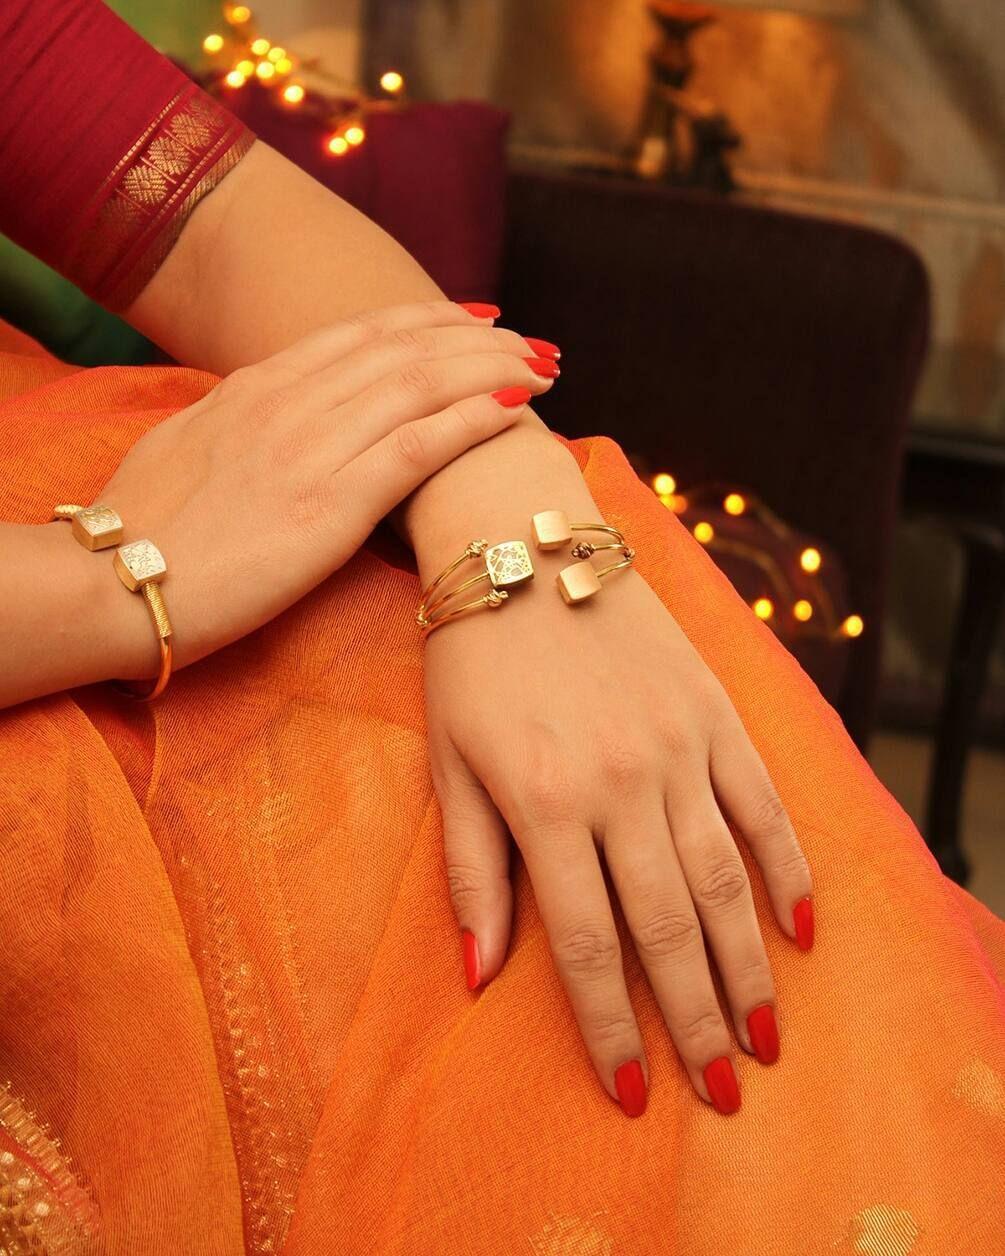 Image result for bridal designer handcuffs